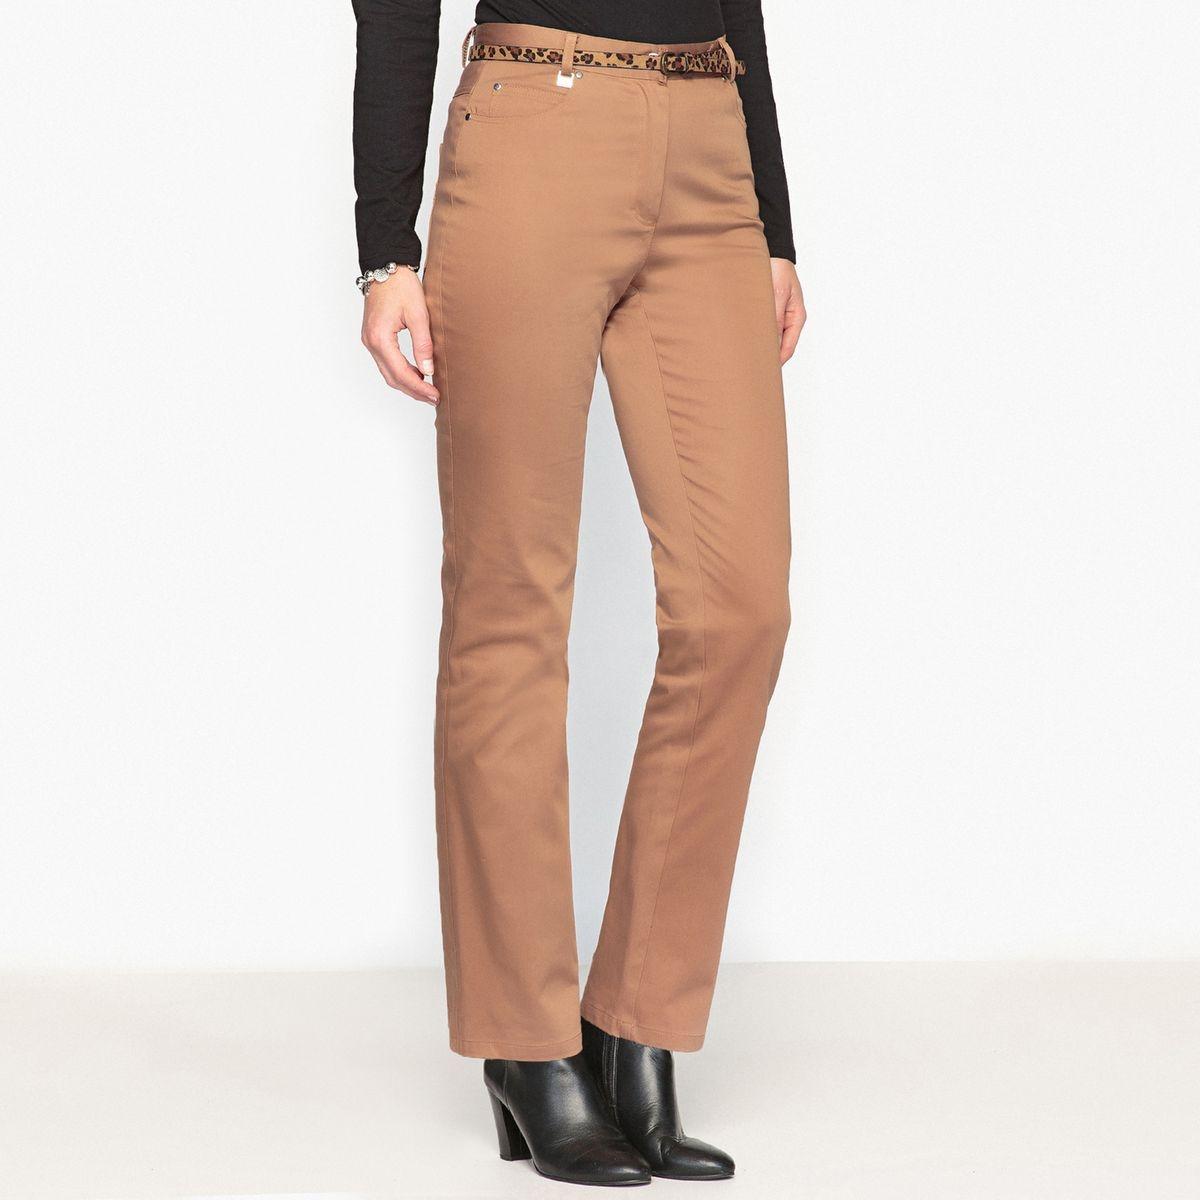 Pantalon droit, taille descendue